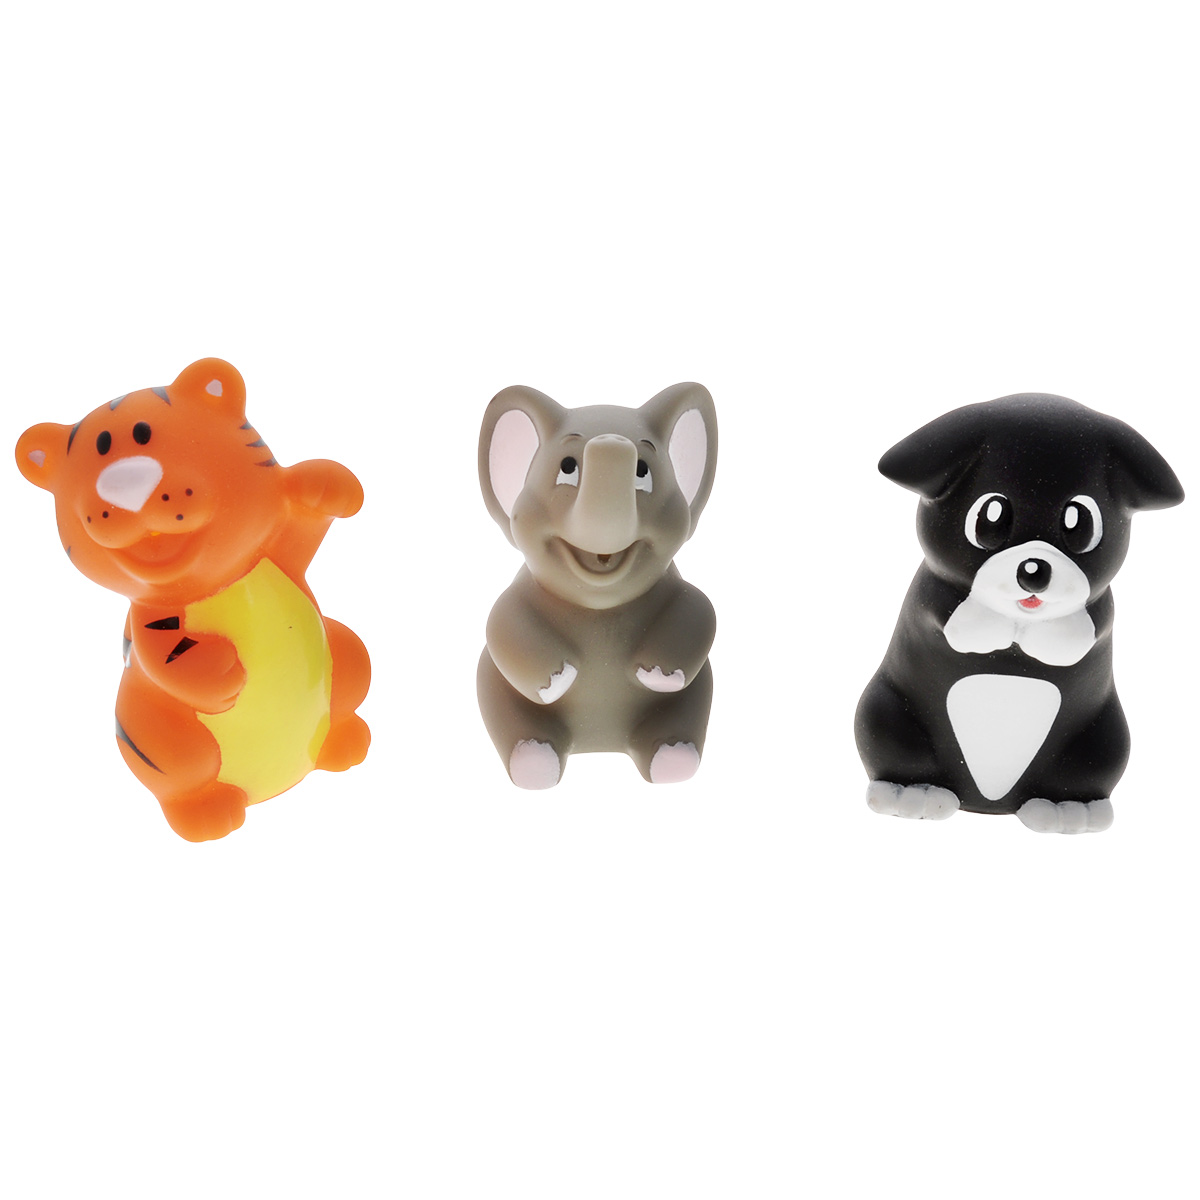 Игровой набор для ванны Mioshi Удивительные животные, 3 шт barneybuddy barneybuddy игрушки для ванны стикеры забавные животные